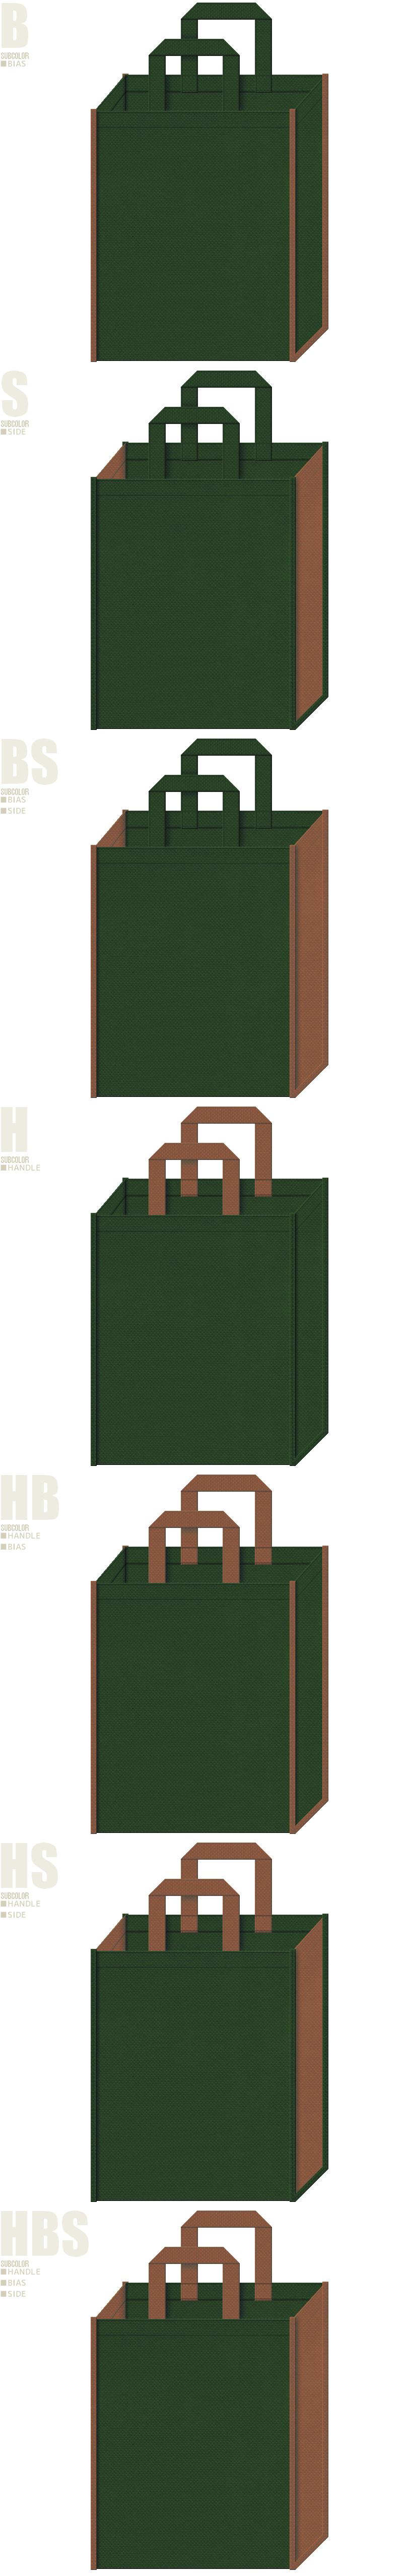 濃緑色と茶色、7パターンの不織布トートバッグ配色デザイン例。テーマパークのバッグノベルティにお奨めです。恐竜・ジャングル・原始時代のイメージ。